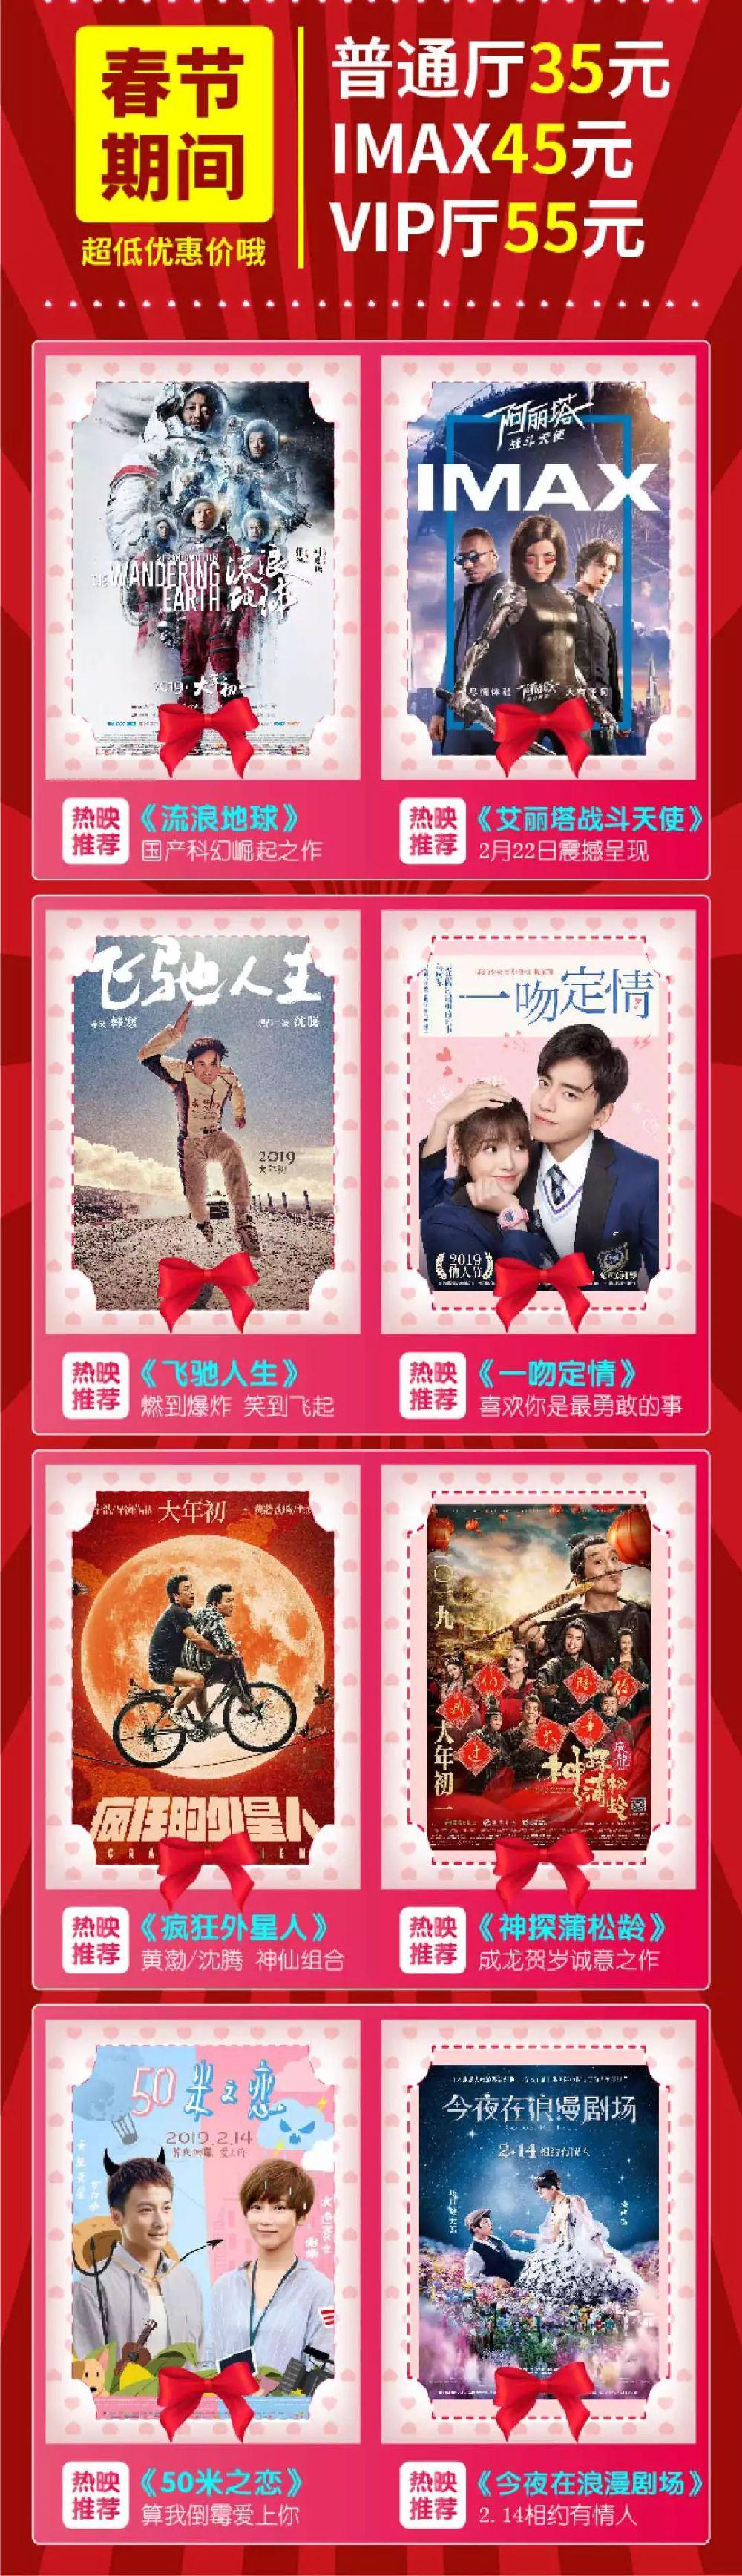 2019长春绿园吾悦广场元宵节打折优惠活动